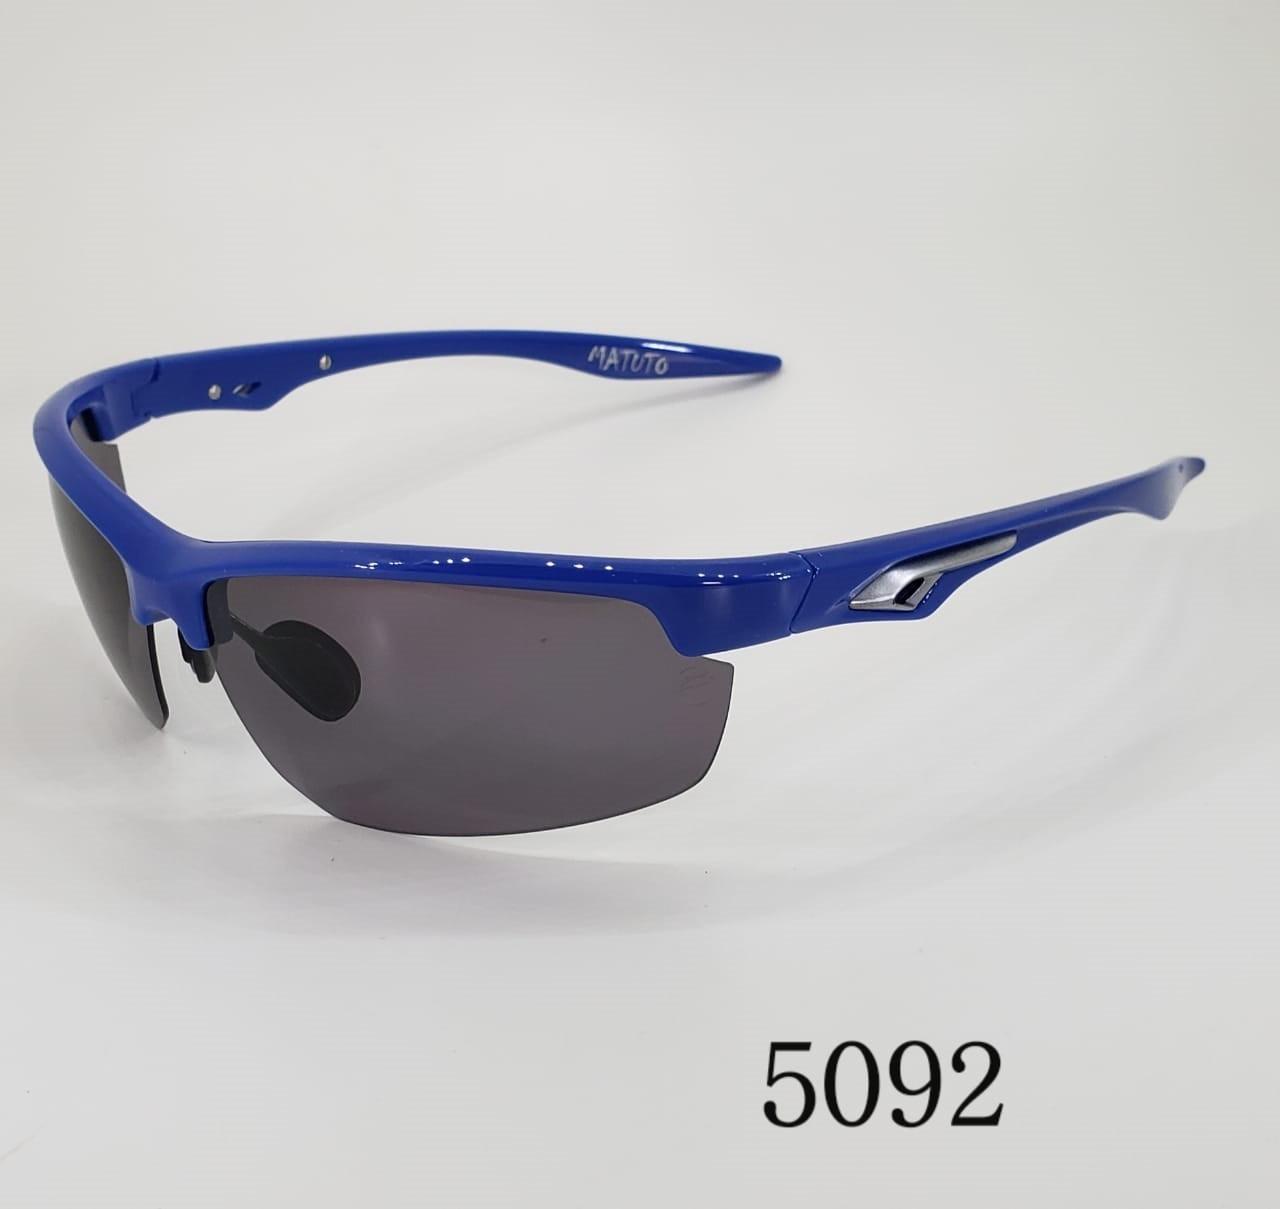 Óculos de Sol Polarizado Matuto Modelos 5092 Azul